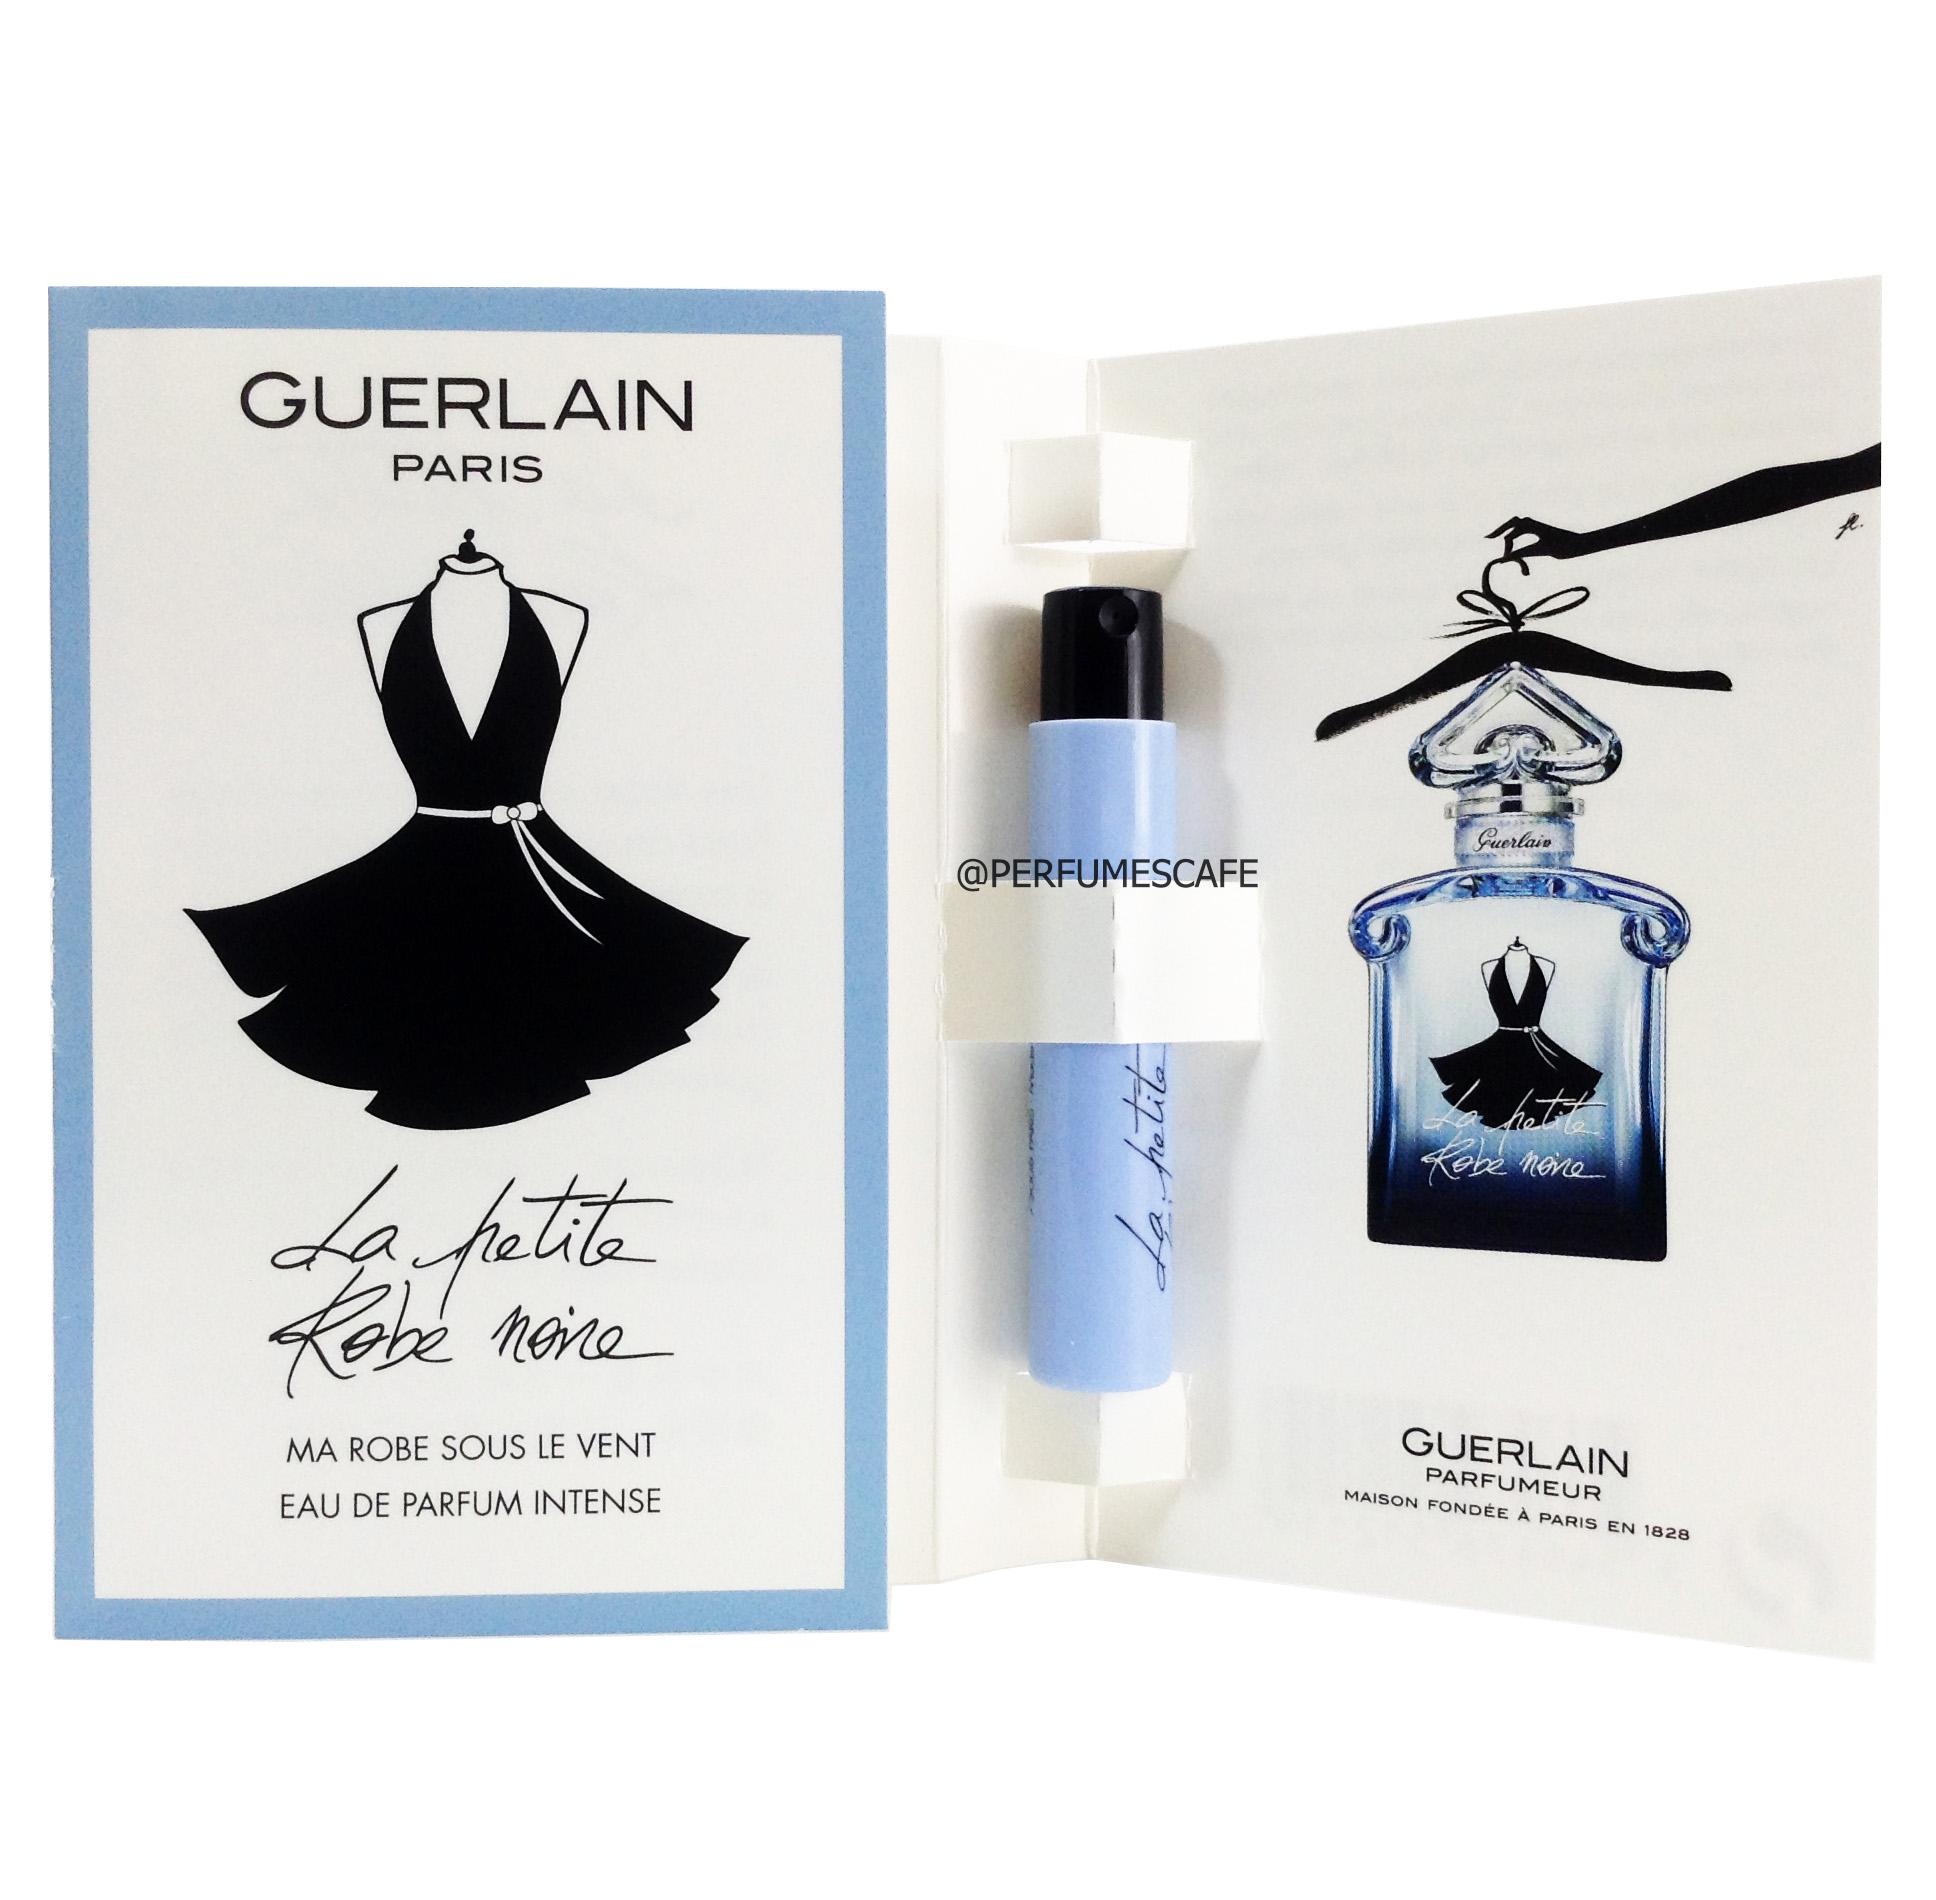 น้ำหอม GUERLAIN La Petite Robe Noire Eau de Parfum Intense ขนาด 0.7ml